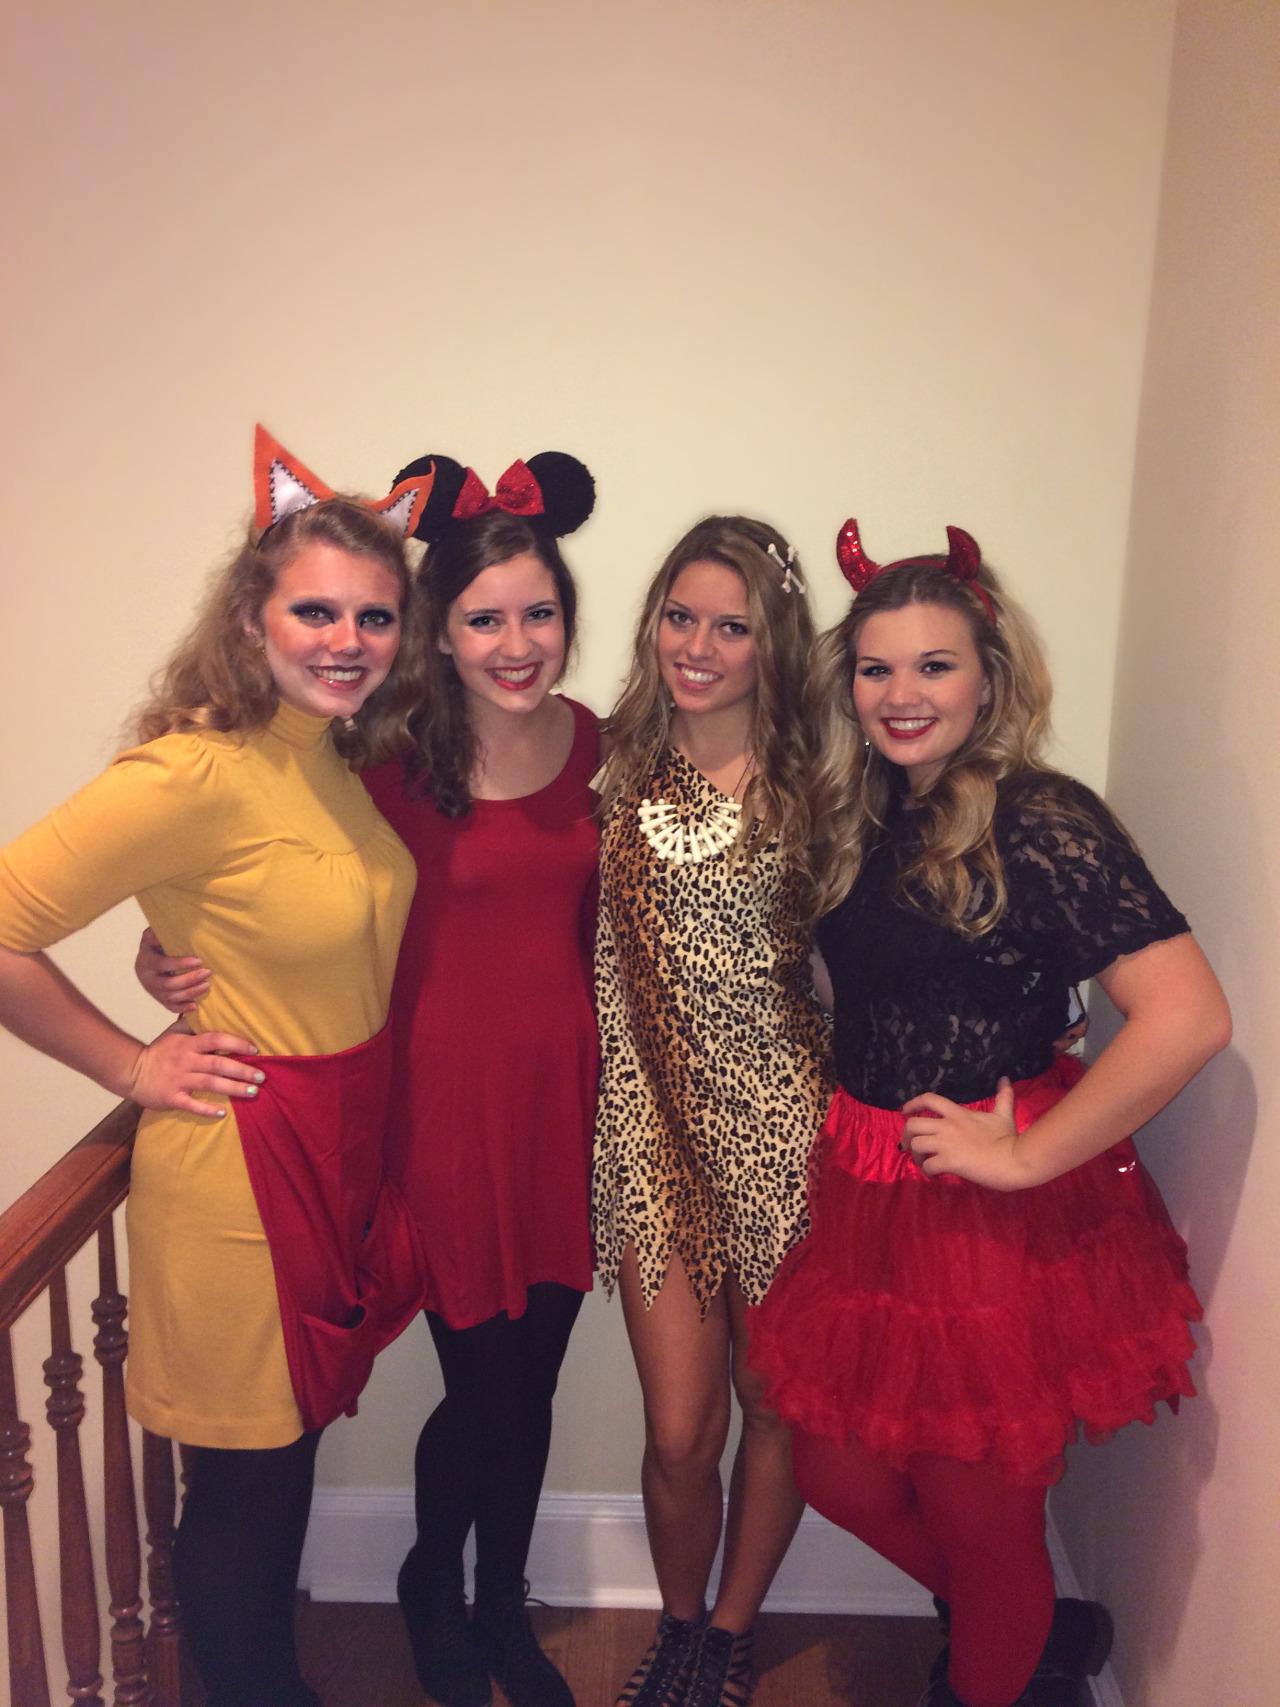 Halloween festivities!